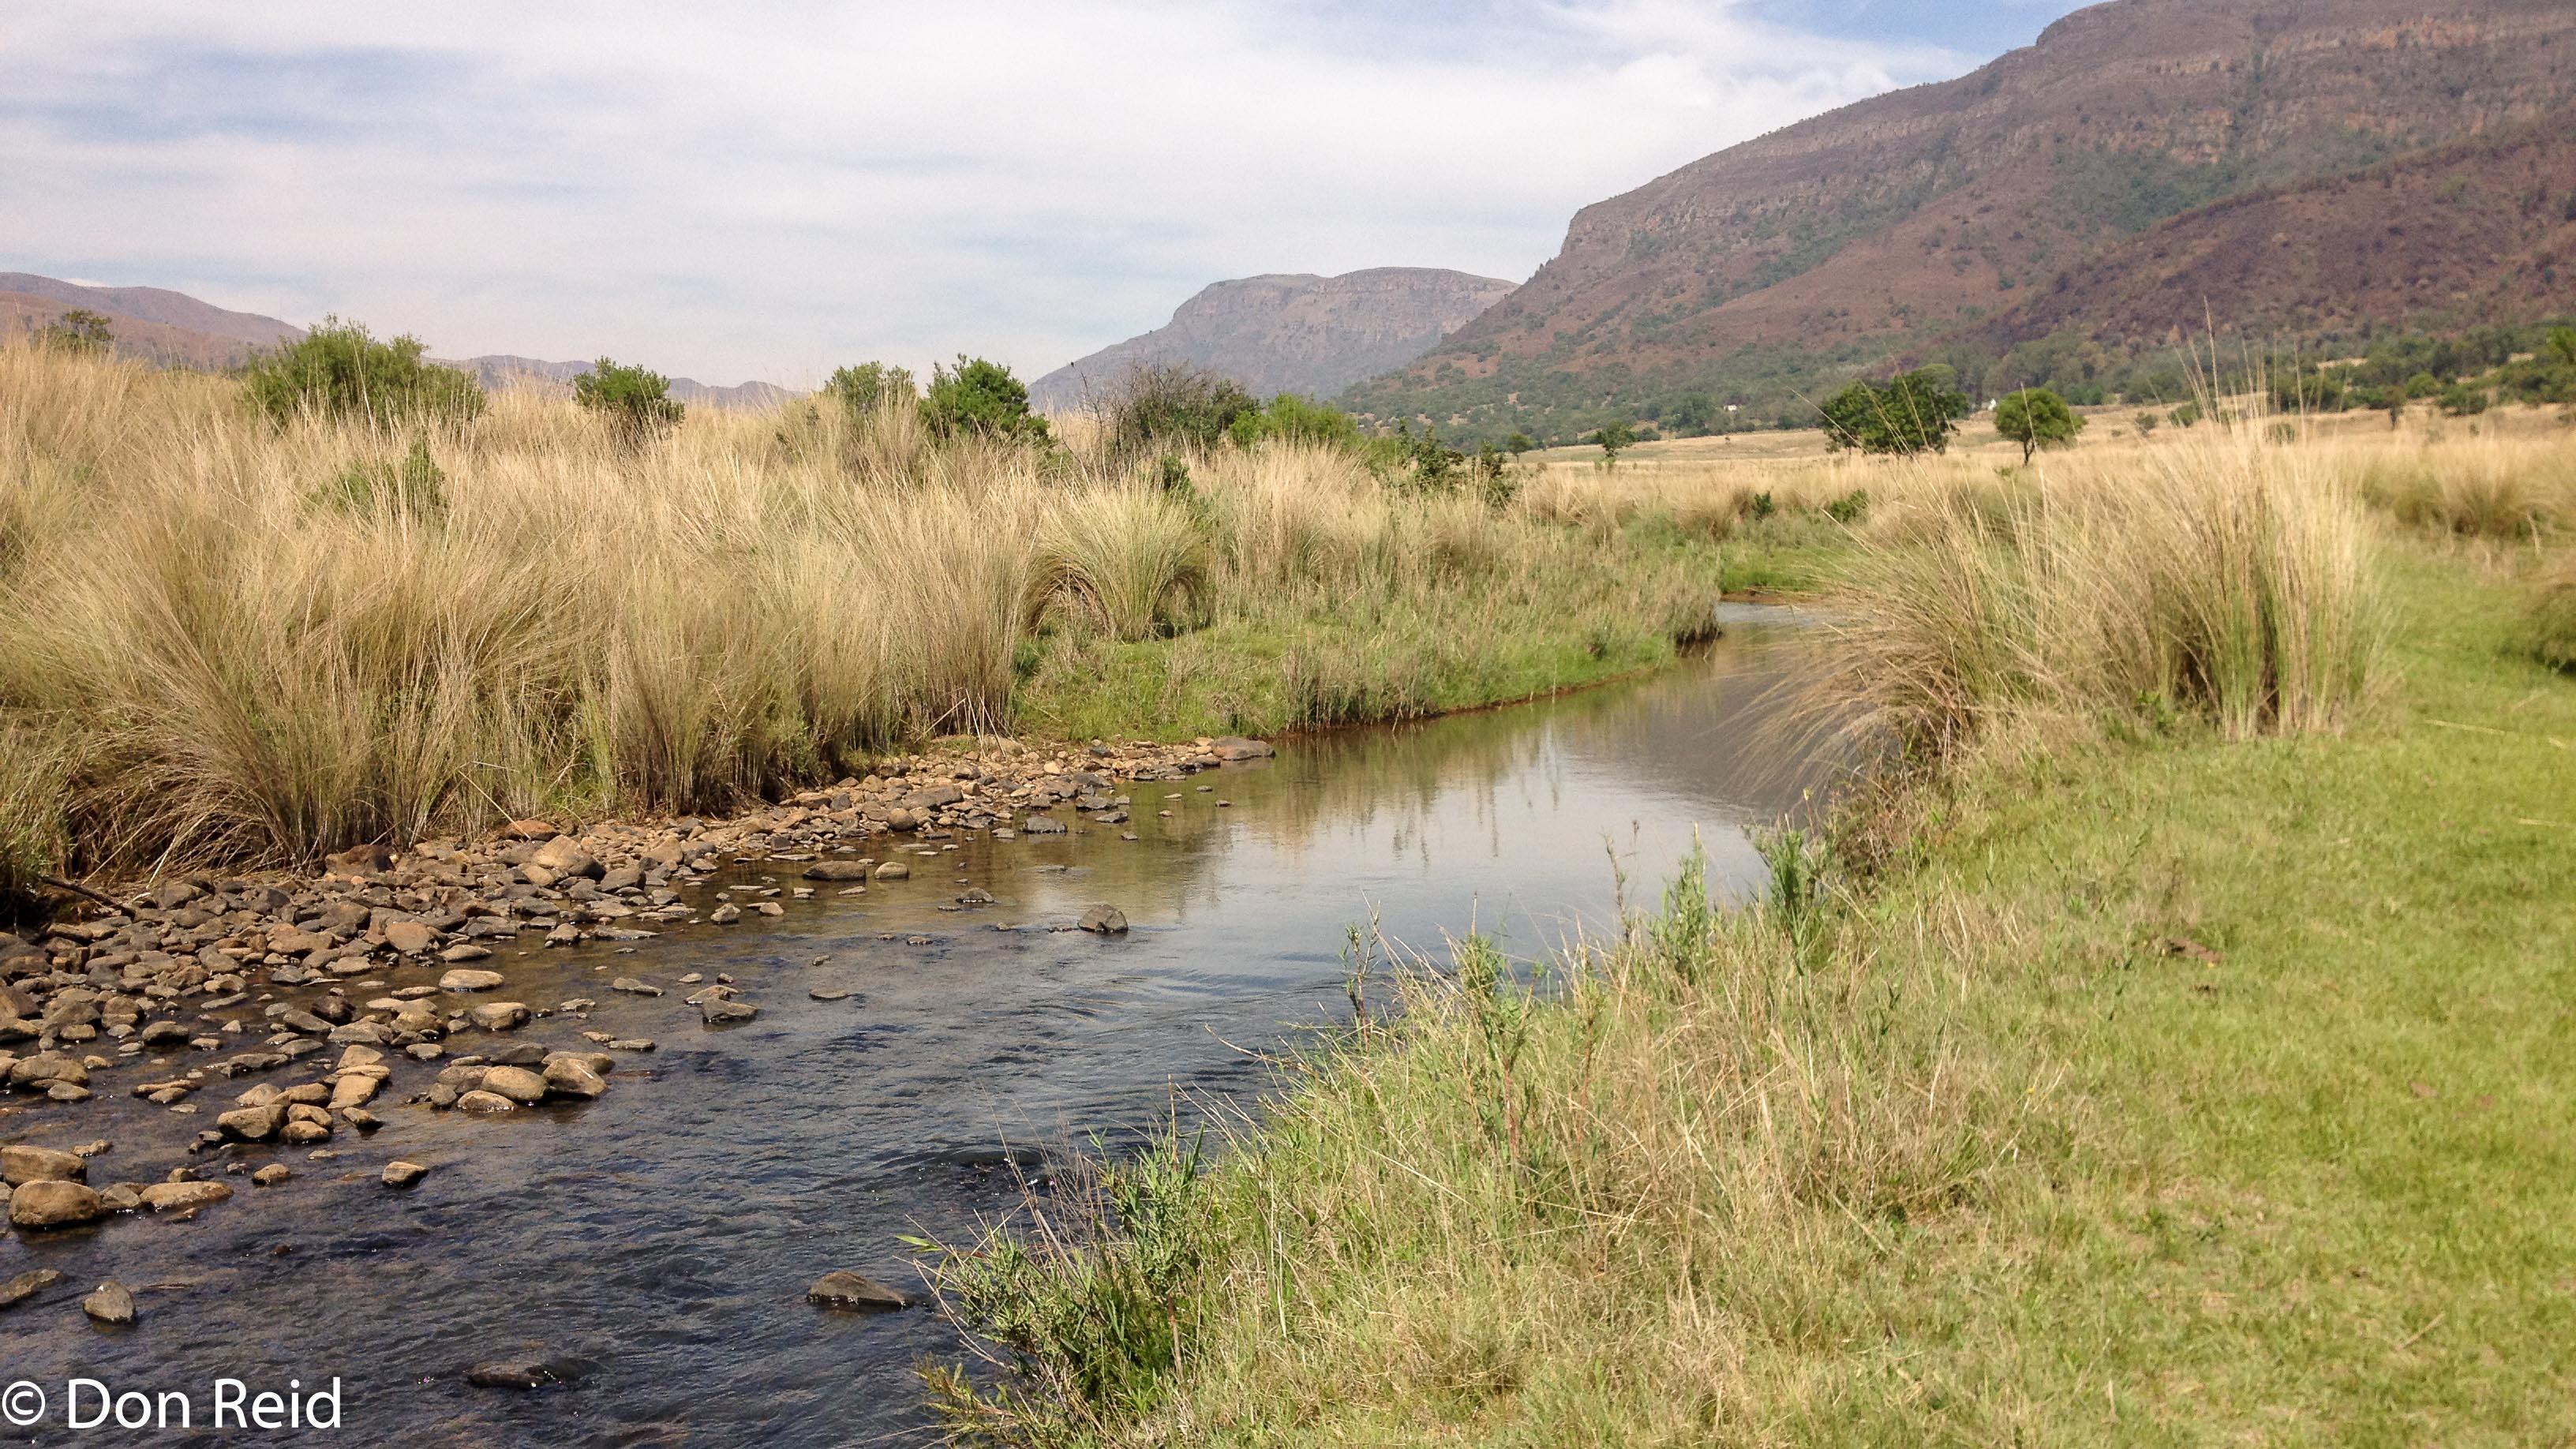 Lower Dam, Verlorenkloof